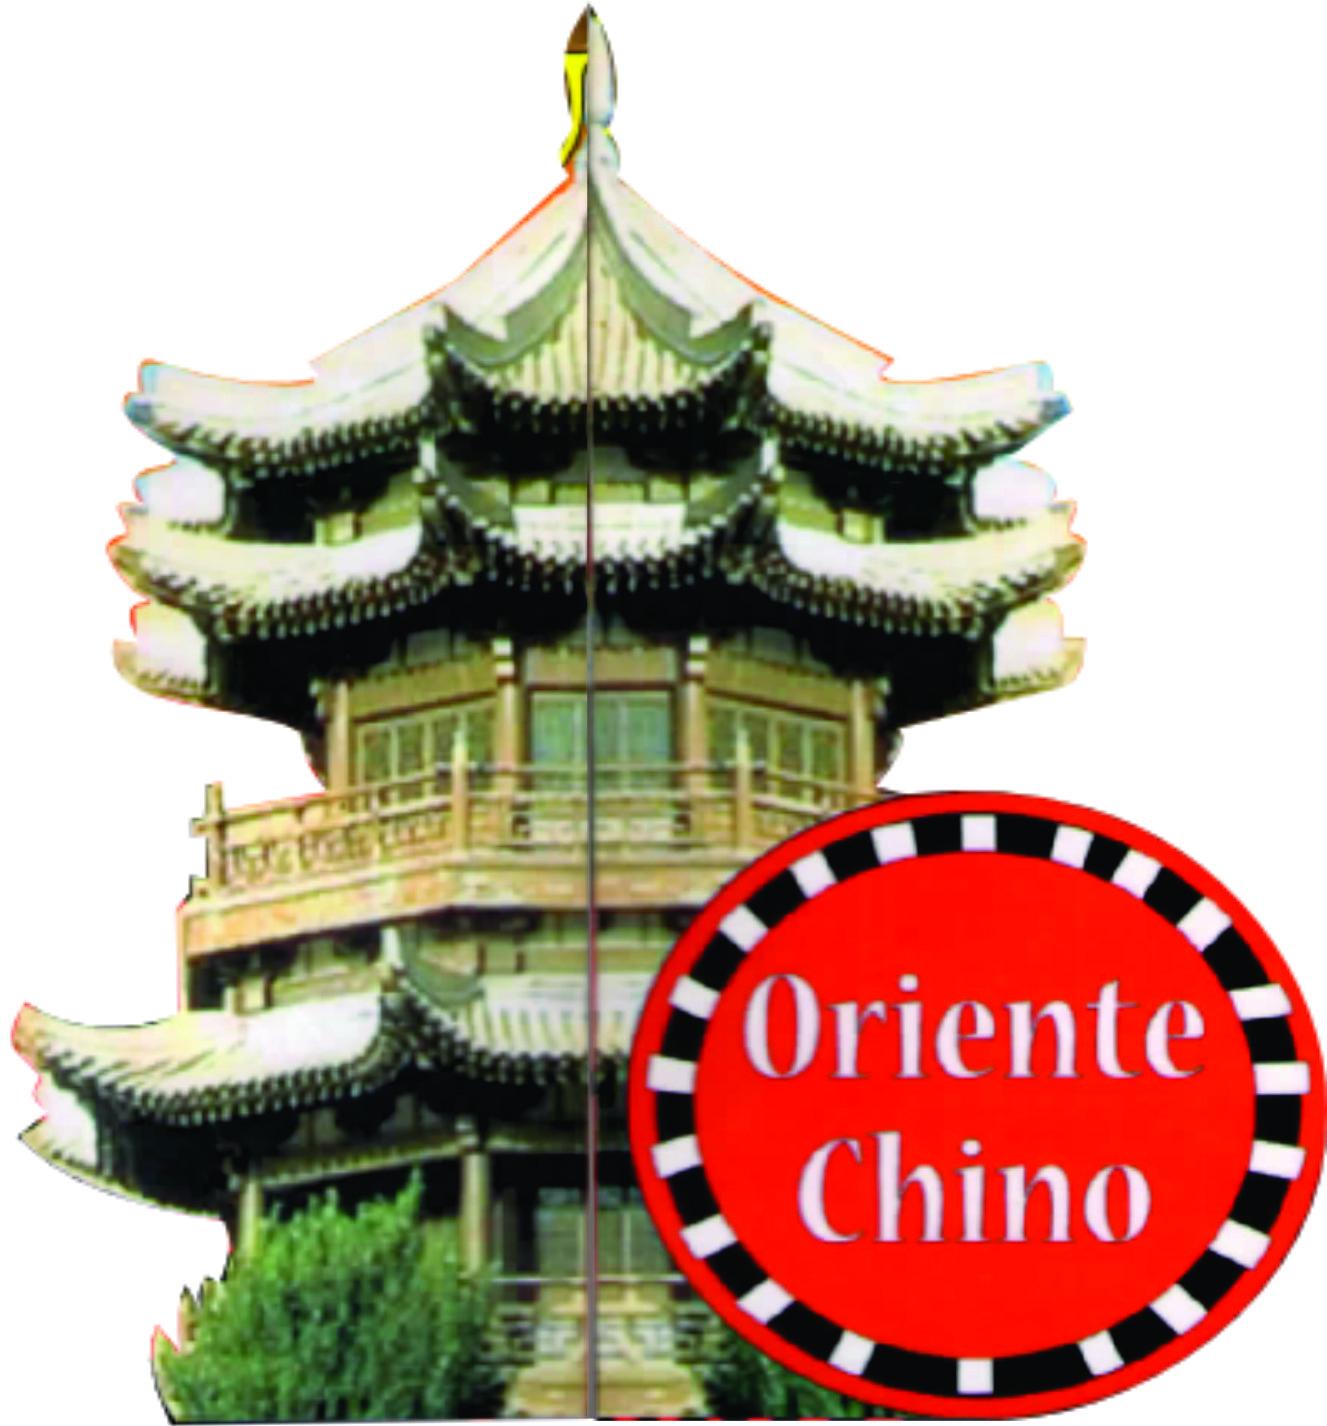 Oriente Chino